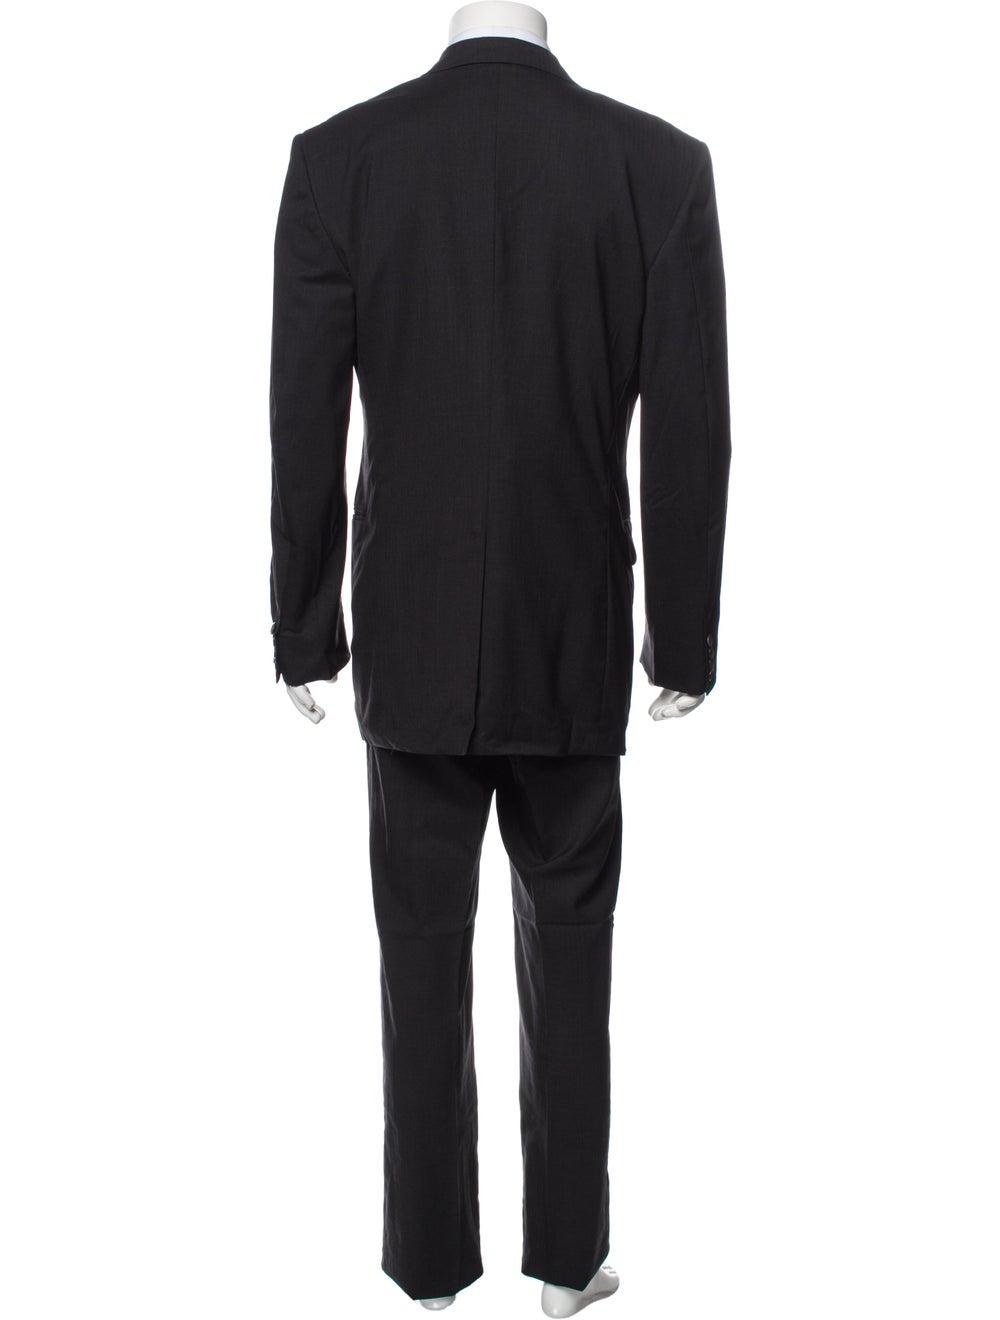 Prada Virgin Wool Two-Piece Suit Wool - image 3